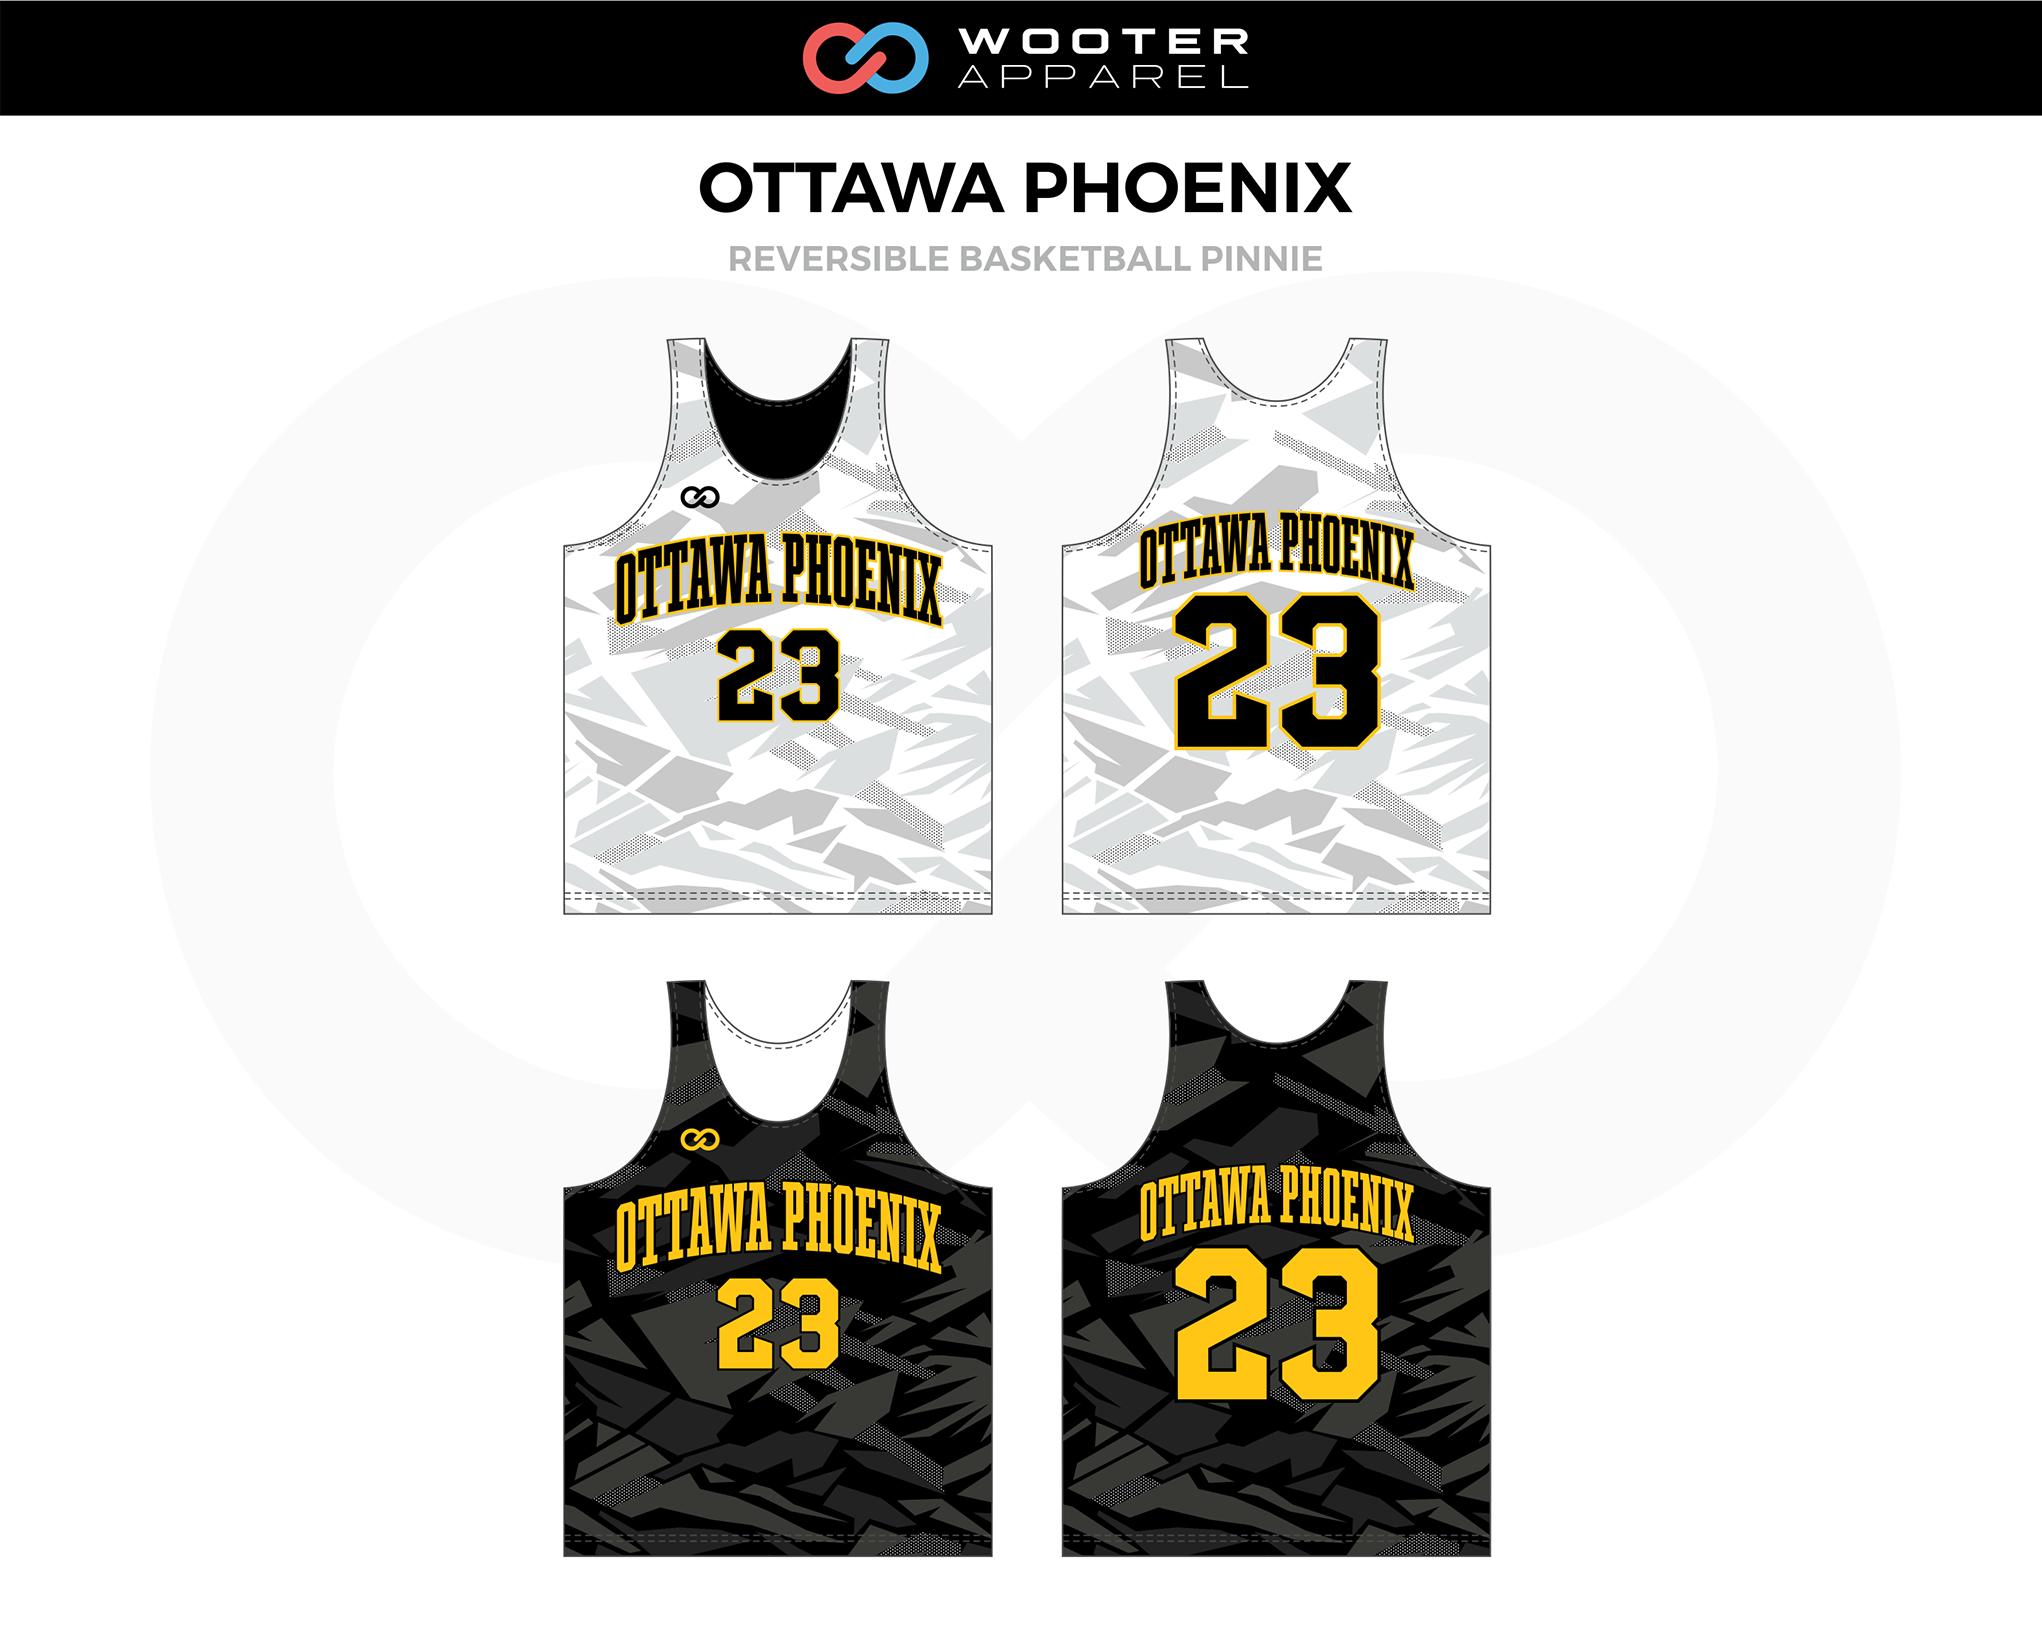 05_Ottawa Phoenix Basketball.png